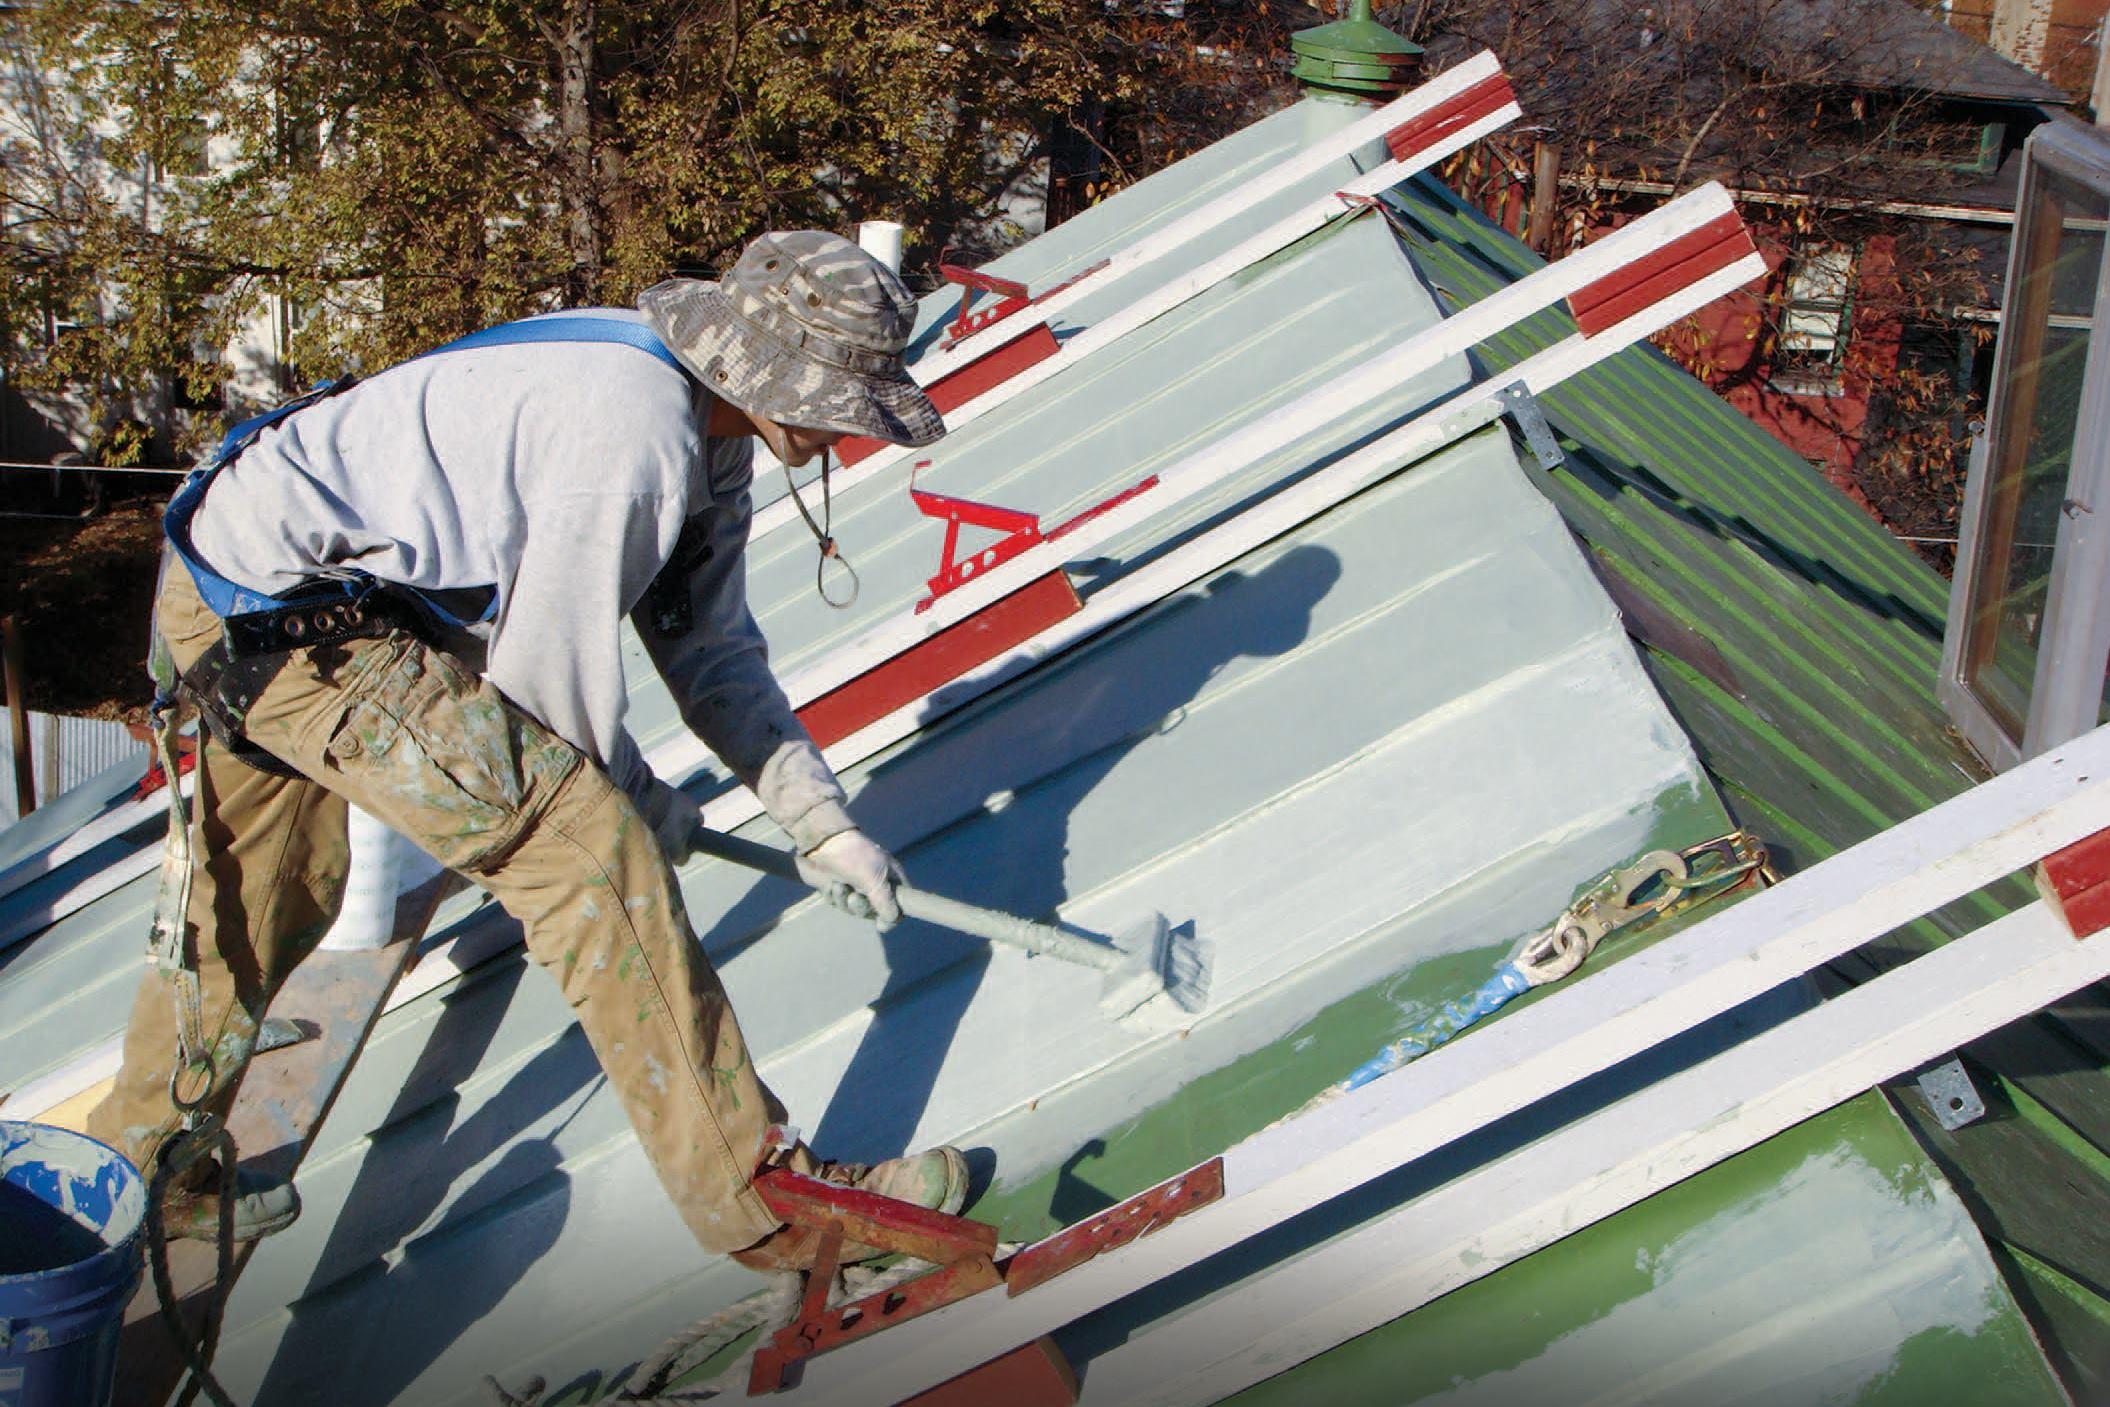 Restoring A Standing Seam Roof Jlc Online